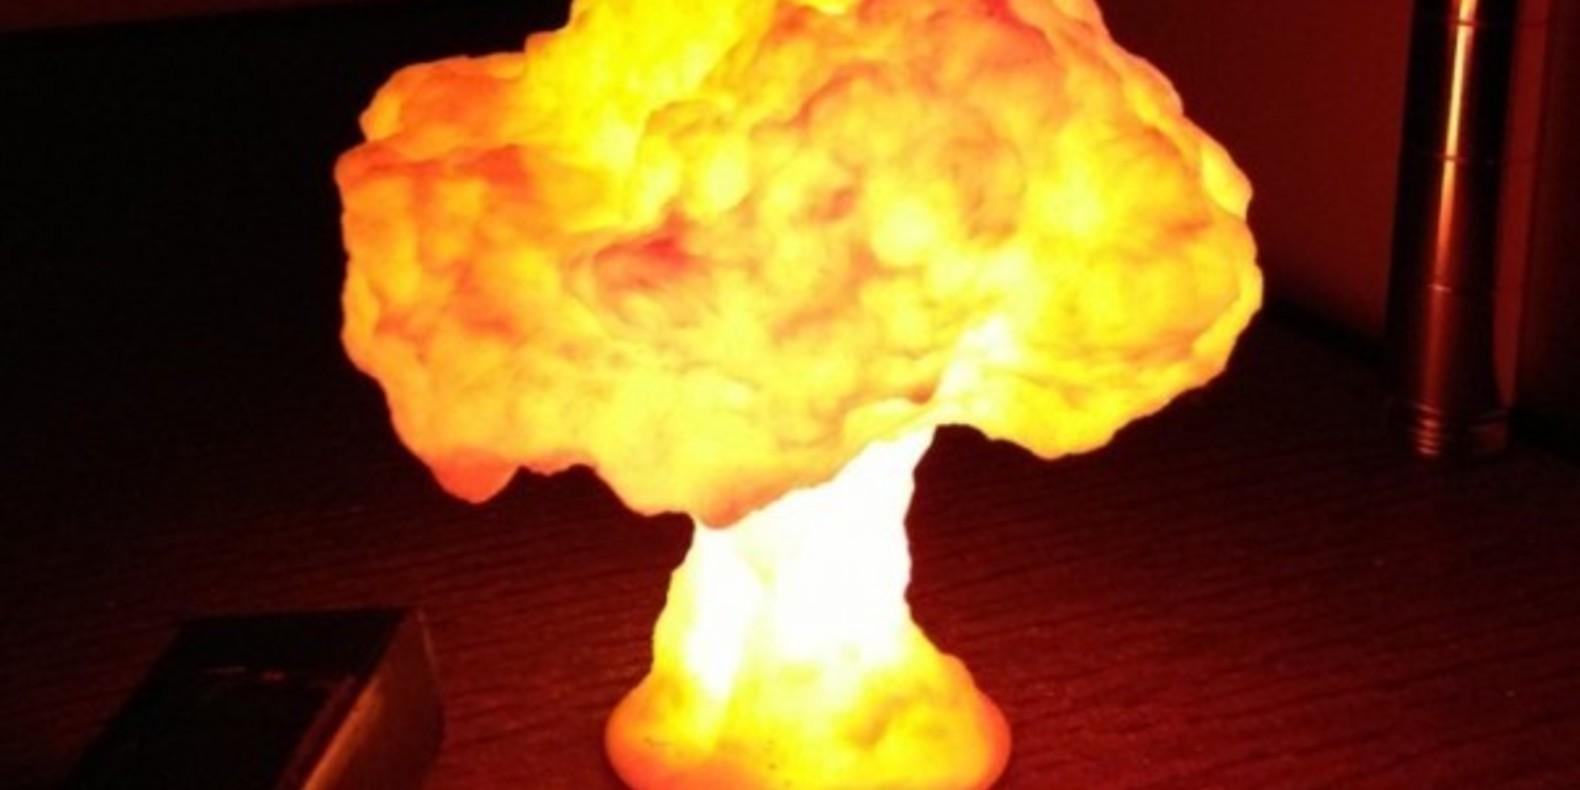 maxim sachs nuclear cloud nuage nucléaire en 3D fichier 3D cults 3D cults designer createur objet lampe led 4